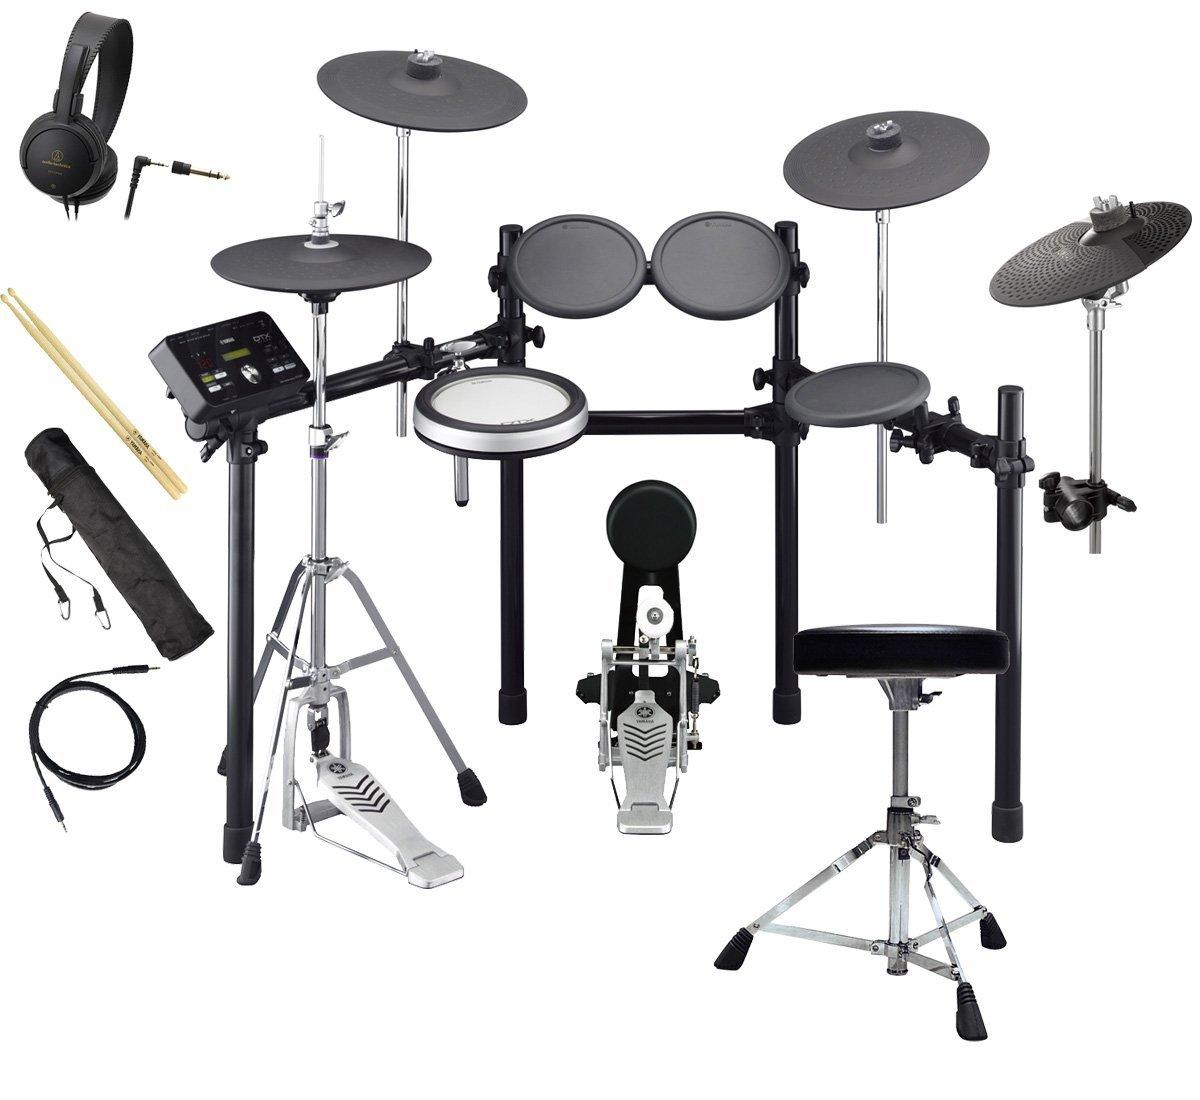 超高品質で人気の YAMAHA 電子ドラム YAMAHA DTX532KFS 3シンバル 電子ドラム オリジナルスターターパック DTX532KFS B07G12VM49, カミゴオリチョウ:53784289 --- shourya.co.in